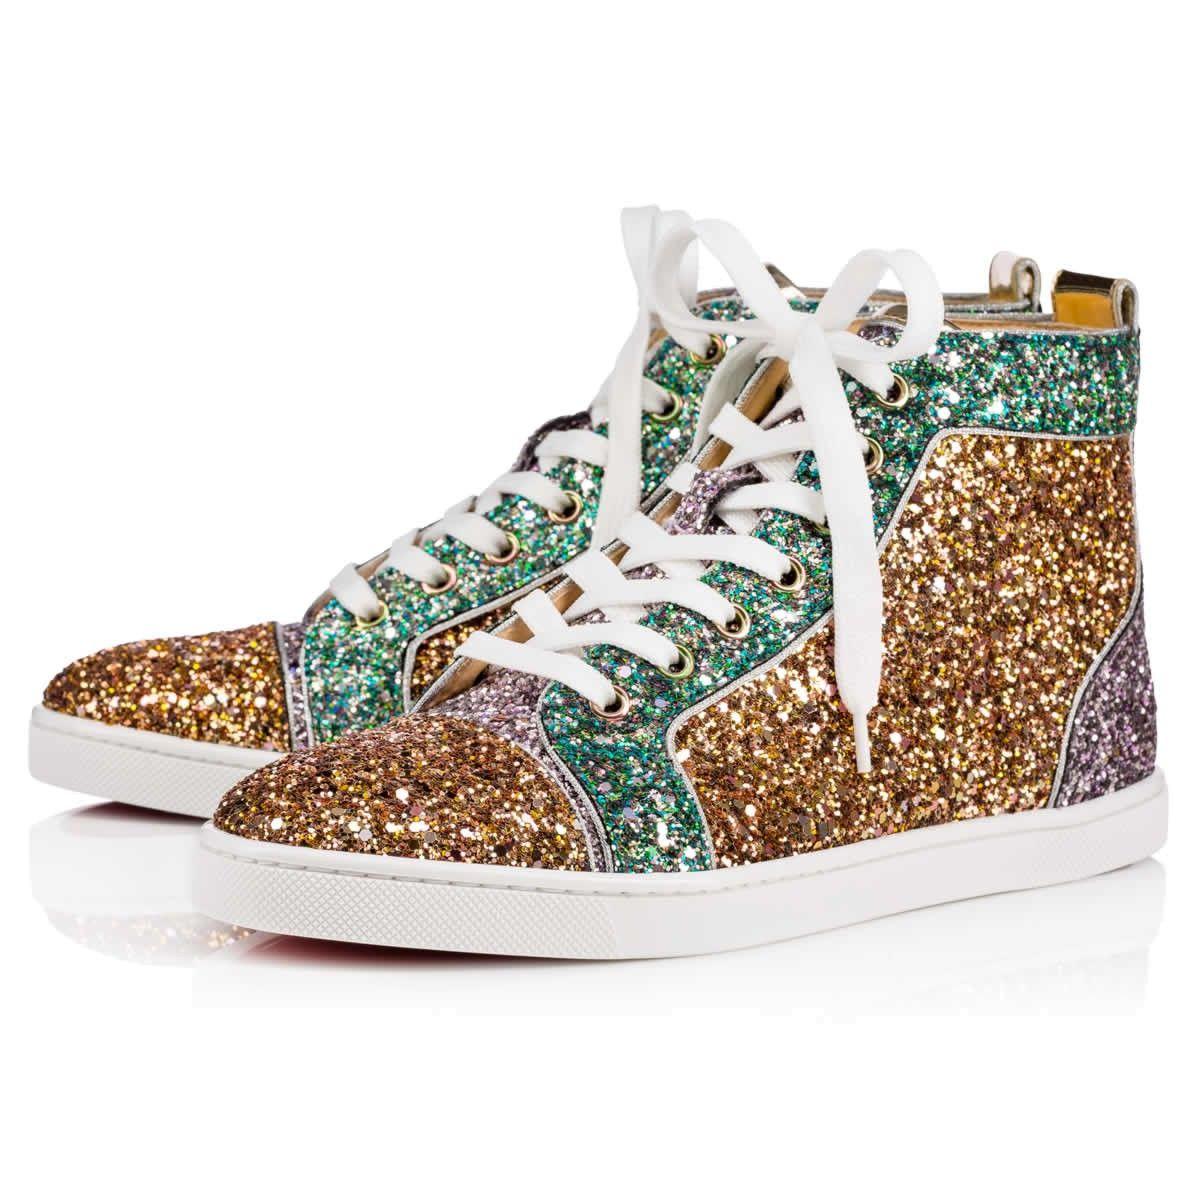 CHRISTIAN LOUBOUTIN. Christian Louboutin ShoesWomens FlatsHigh TopsFlat ...